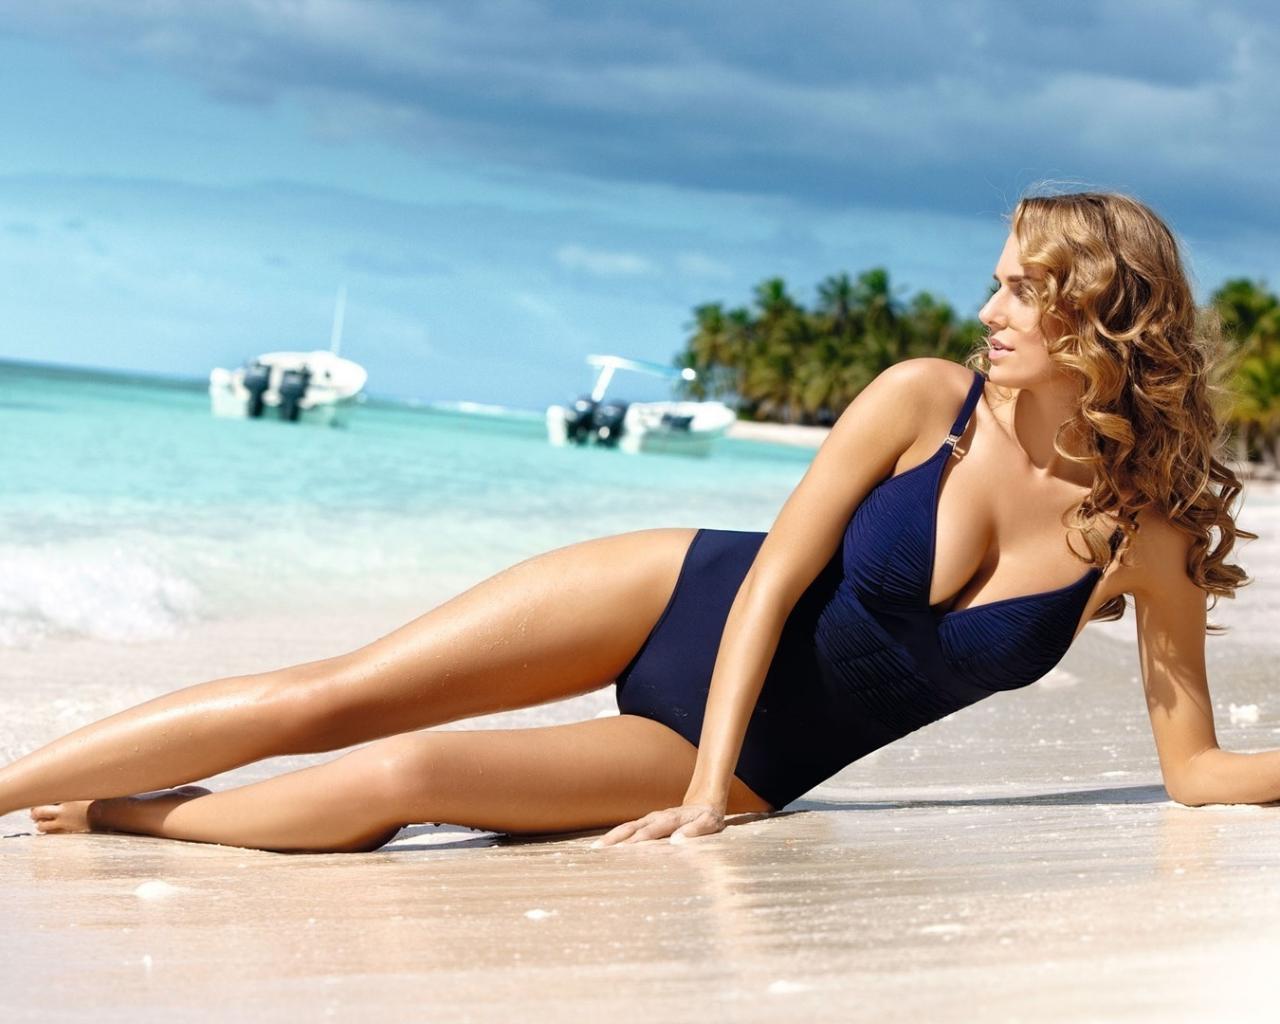 Фото девочек на пляже в купальнике 29 фотография